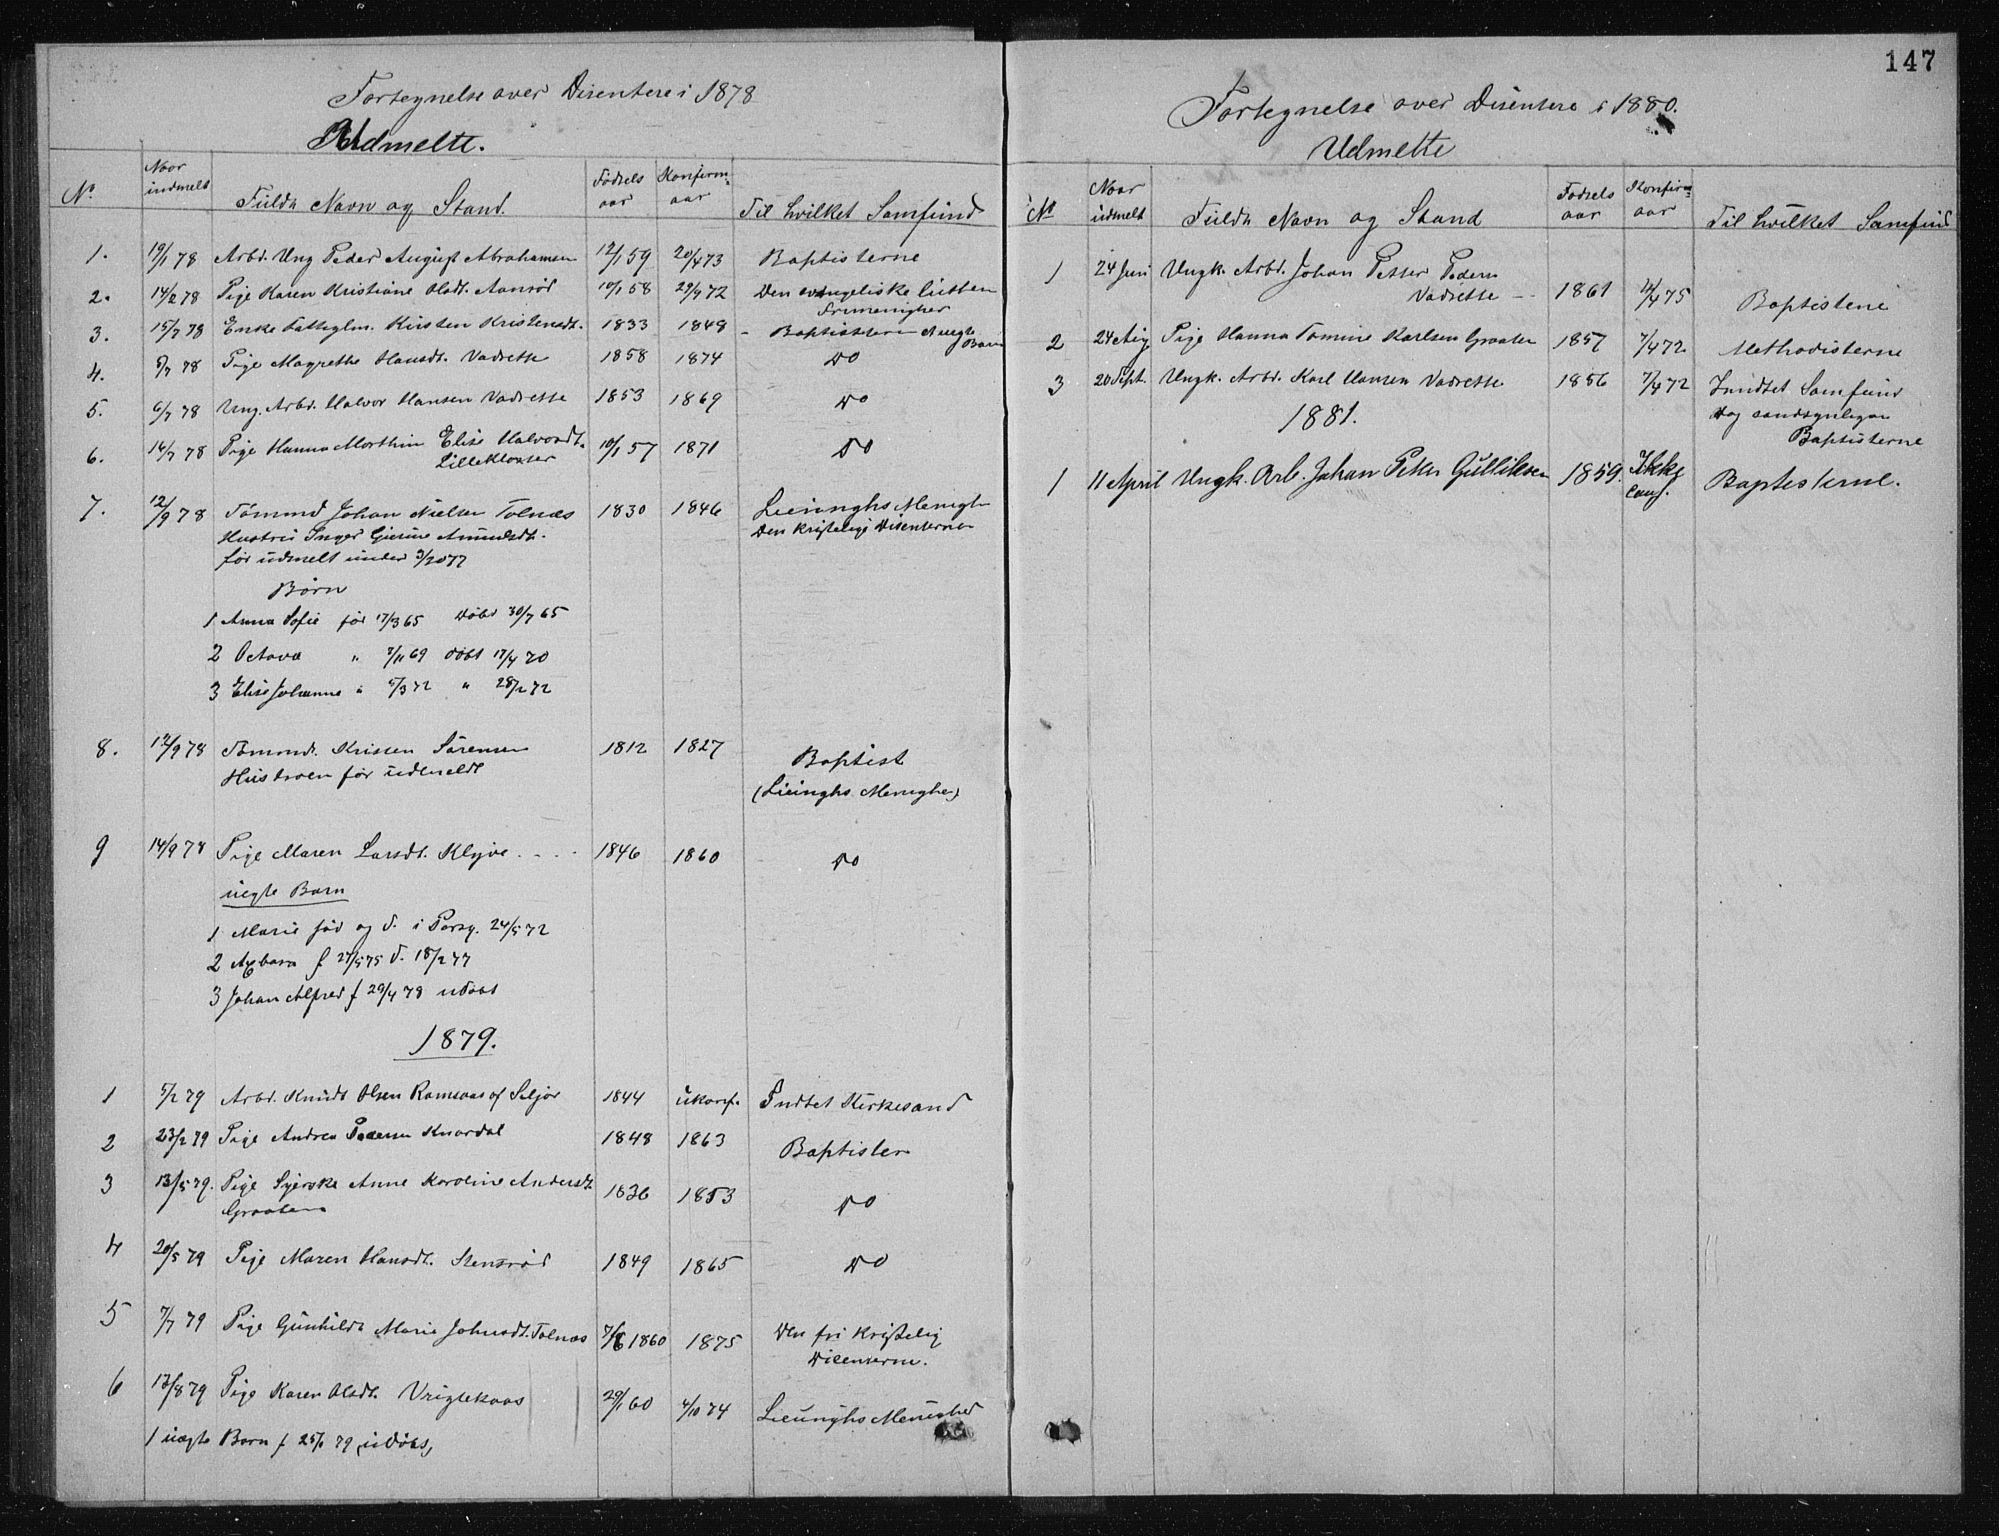 SAKO, Solum kirkebøker, G/Ga/L0005: Klokkerbok nr. I 5, 1877-1881, s. 147